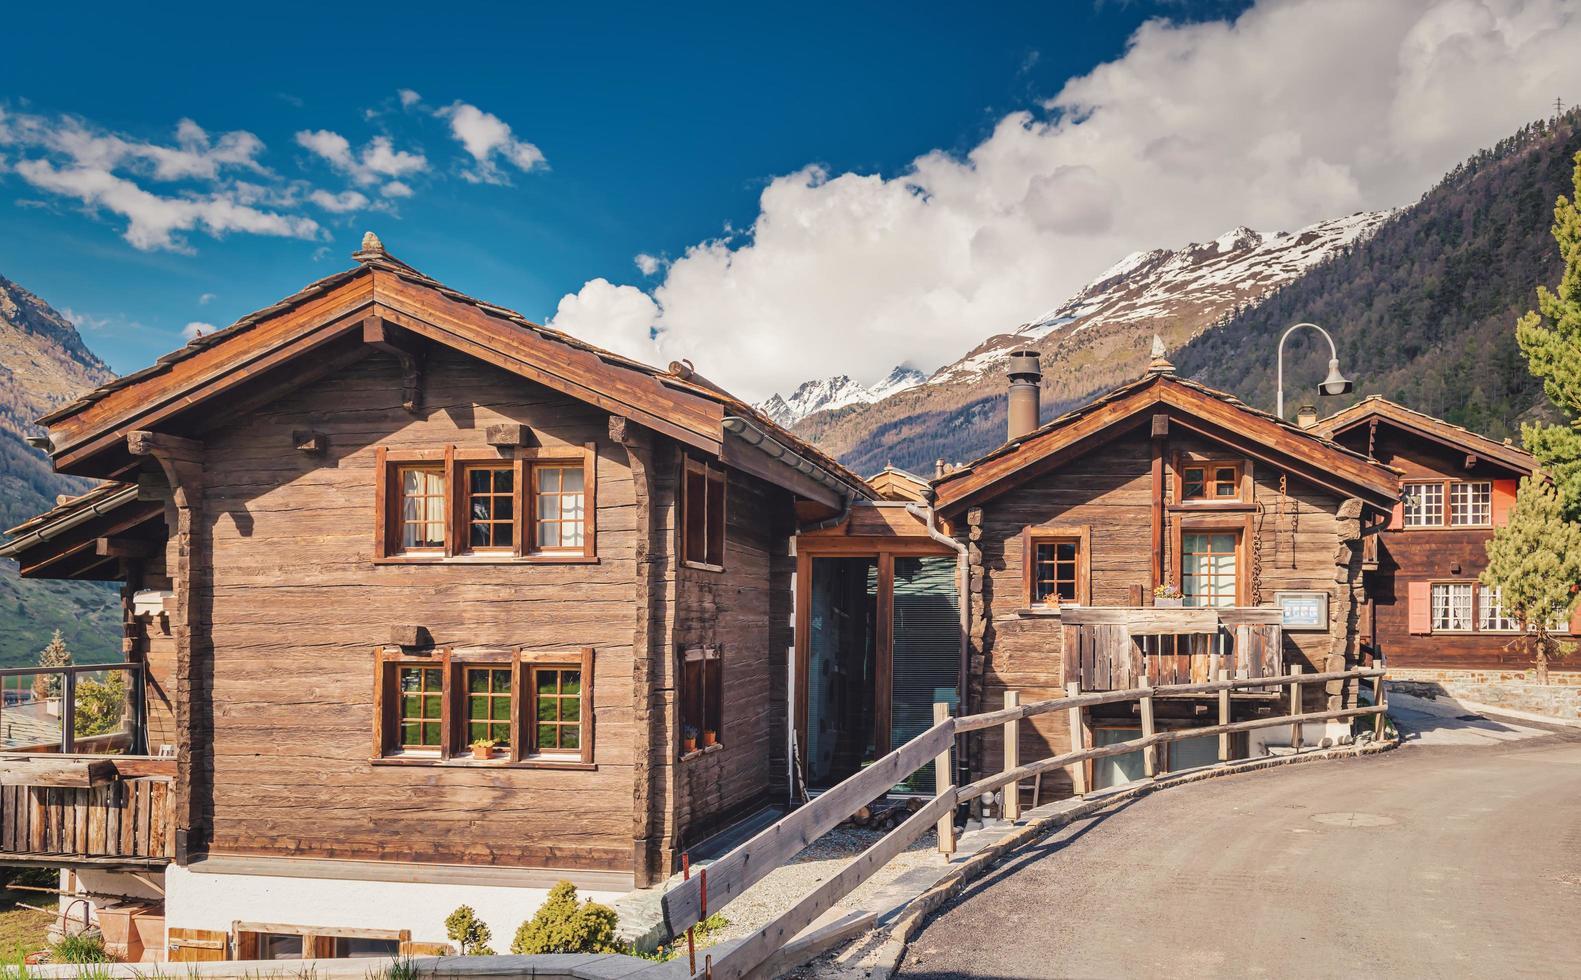 Hütten mit Bergen im Hintergrund. foto